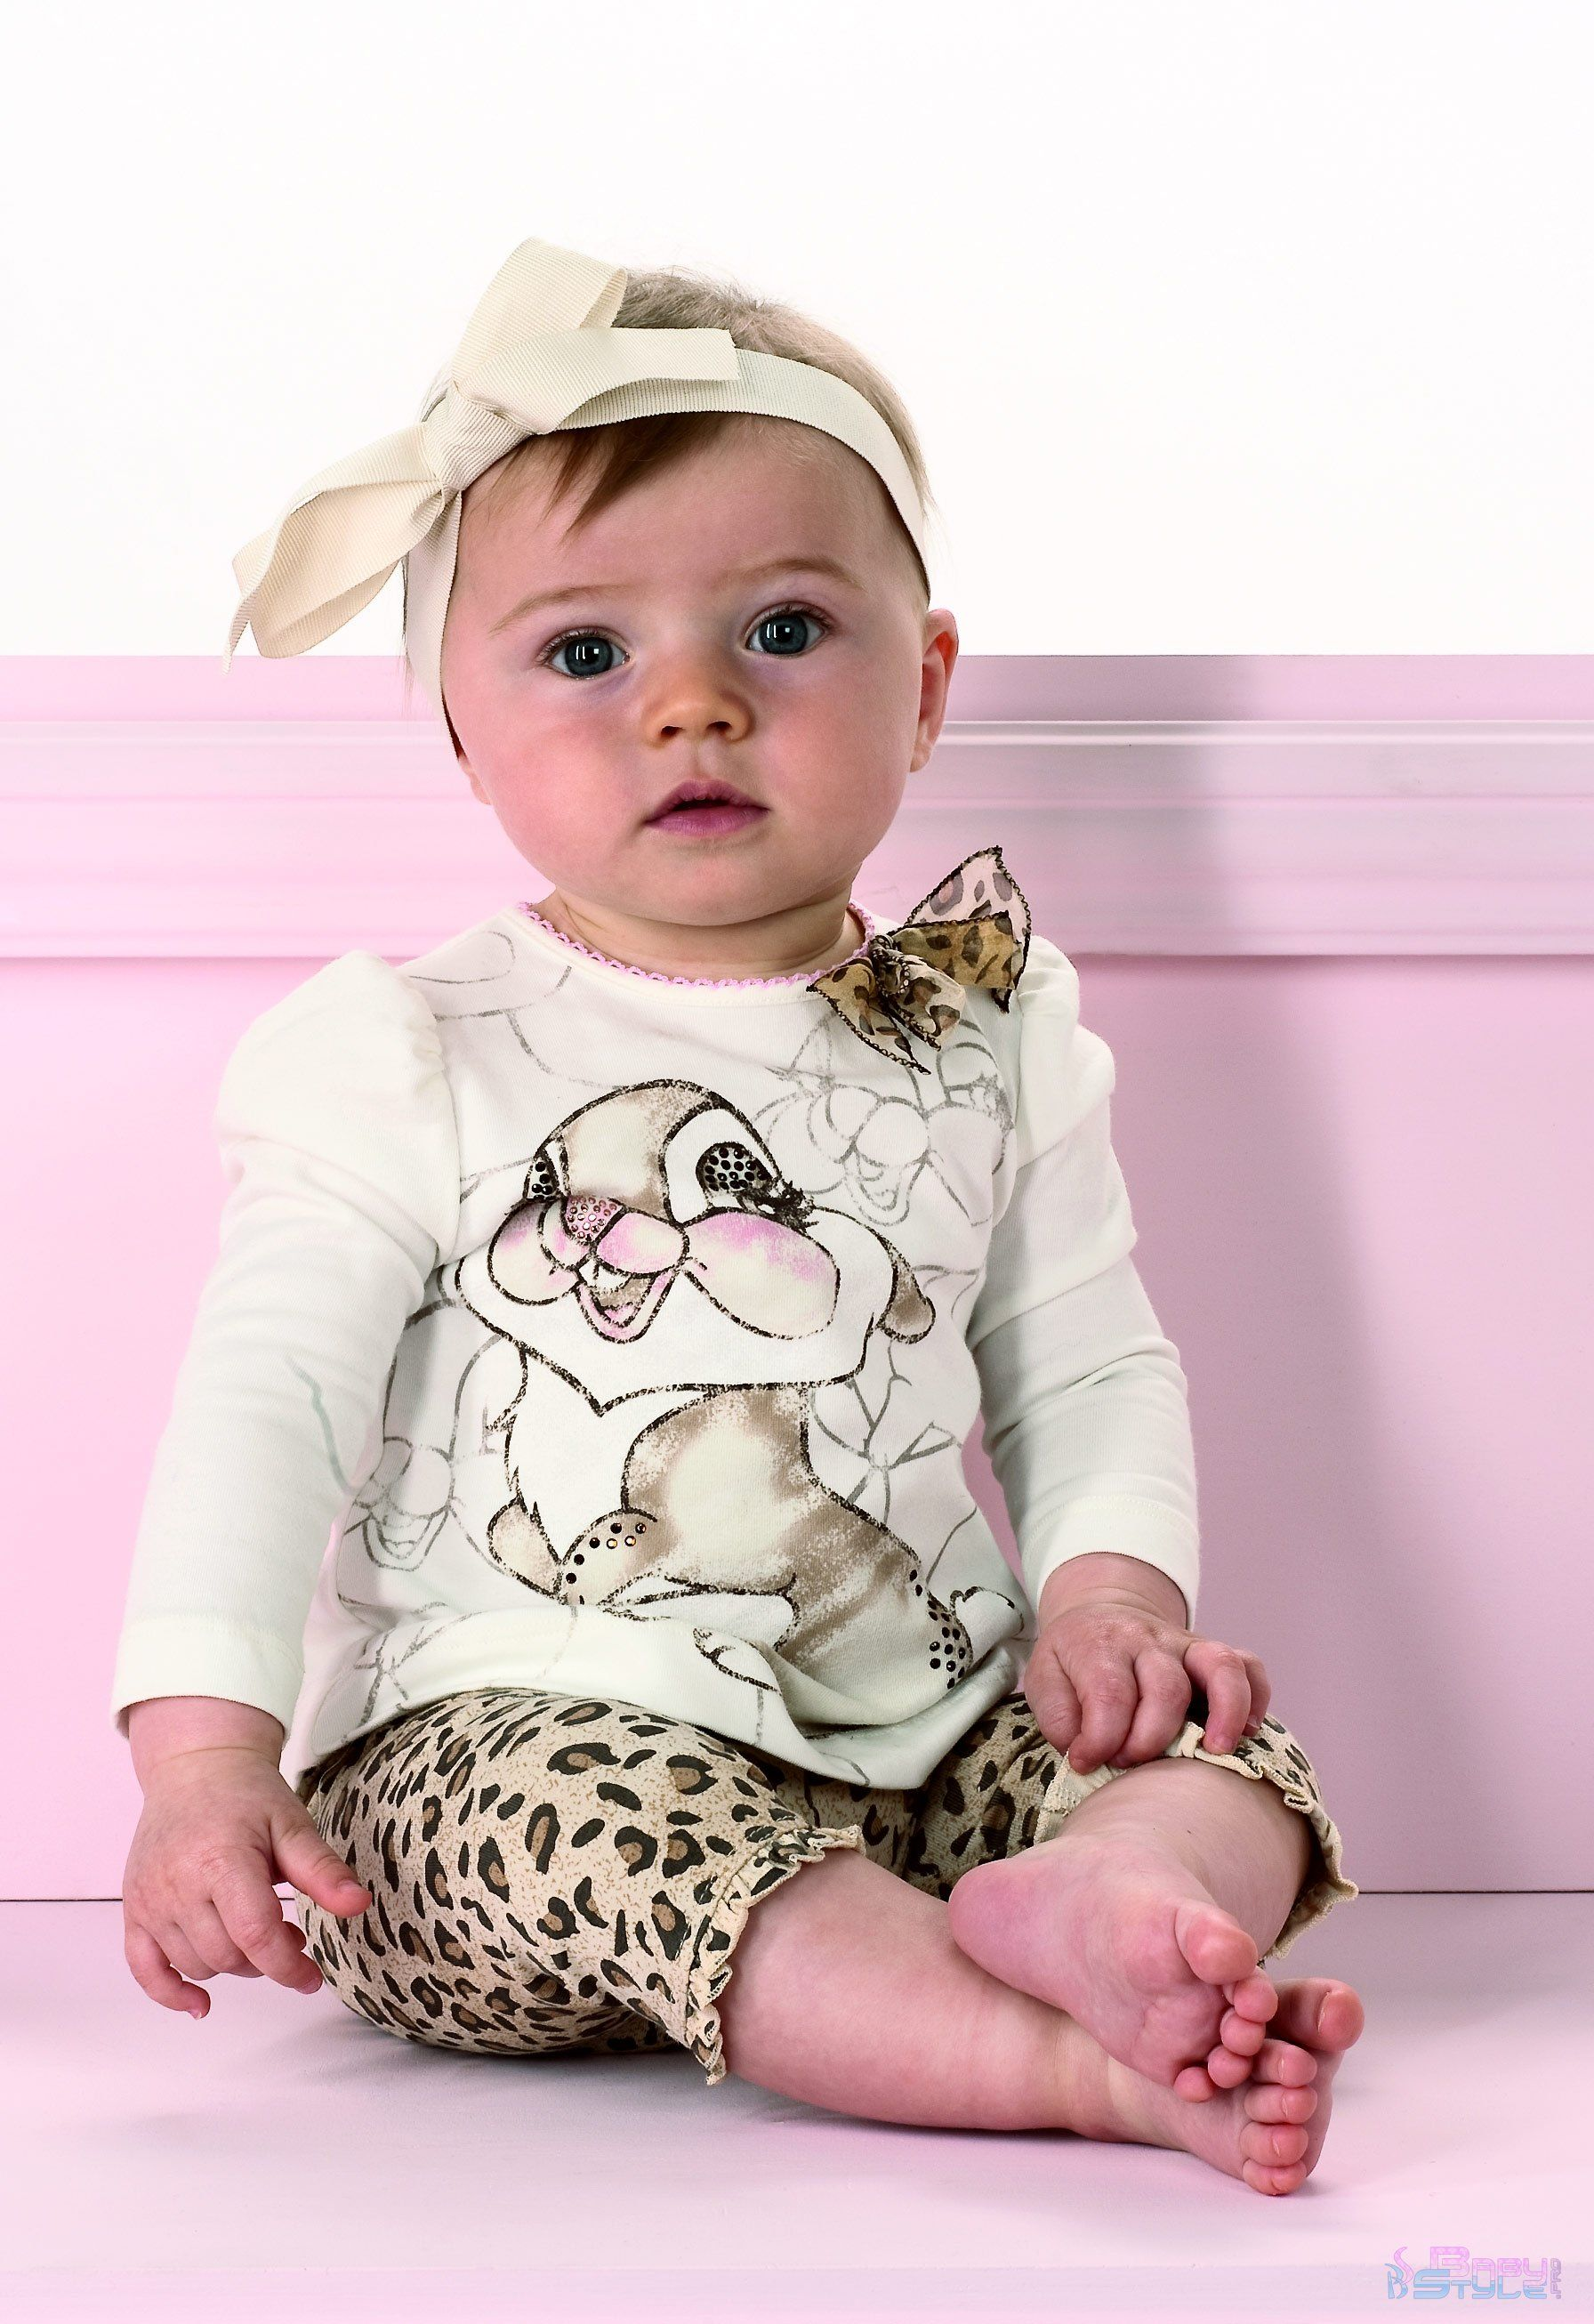 f4a5926b designer baby girl clothes foto #4   Where do I buy designer baby ...